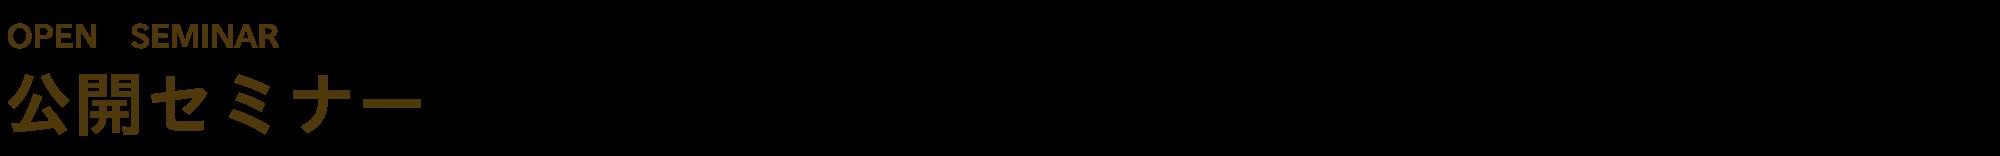 OPEN SEMINAR04